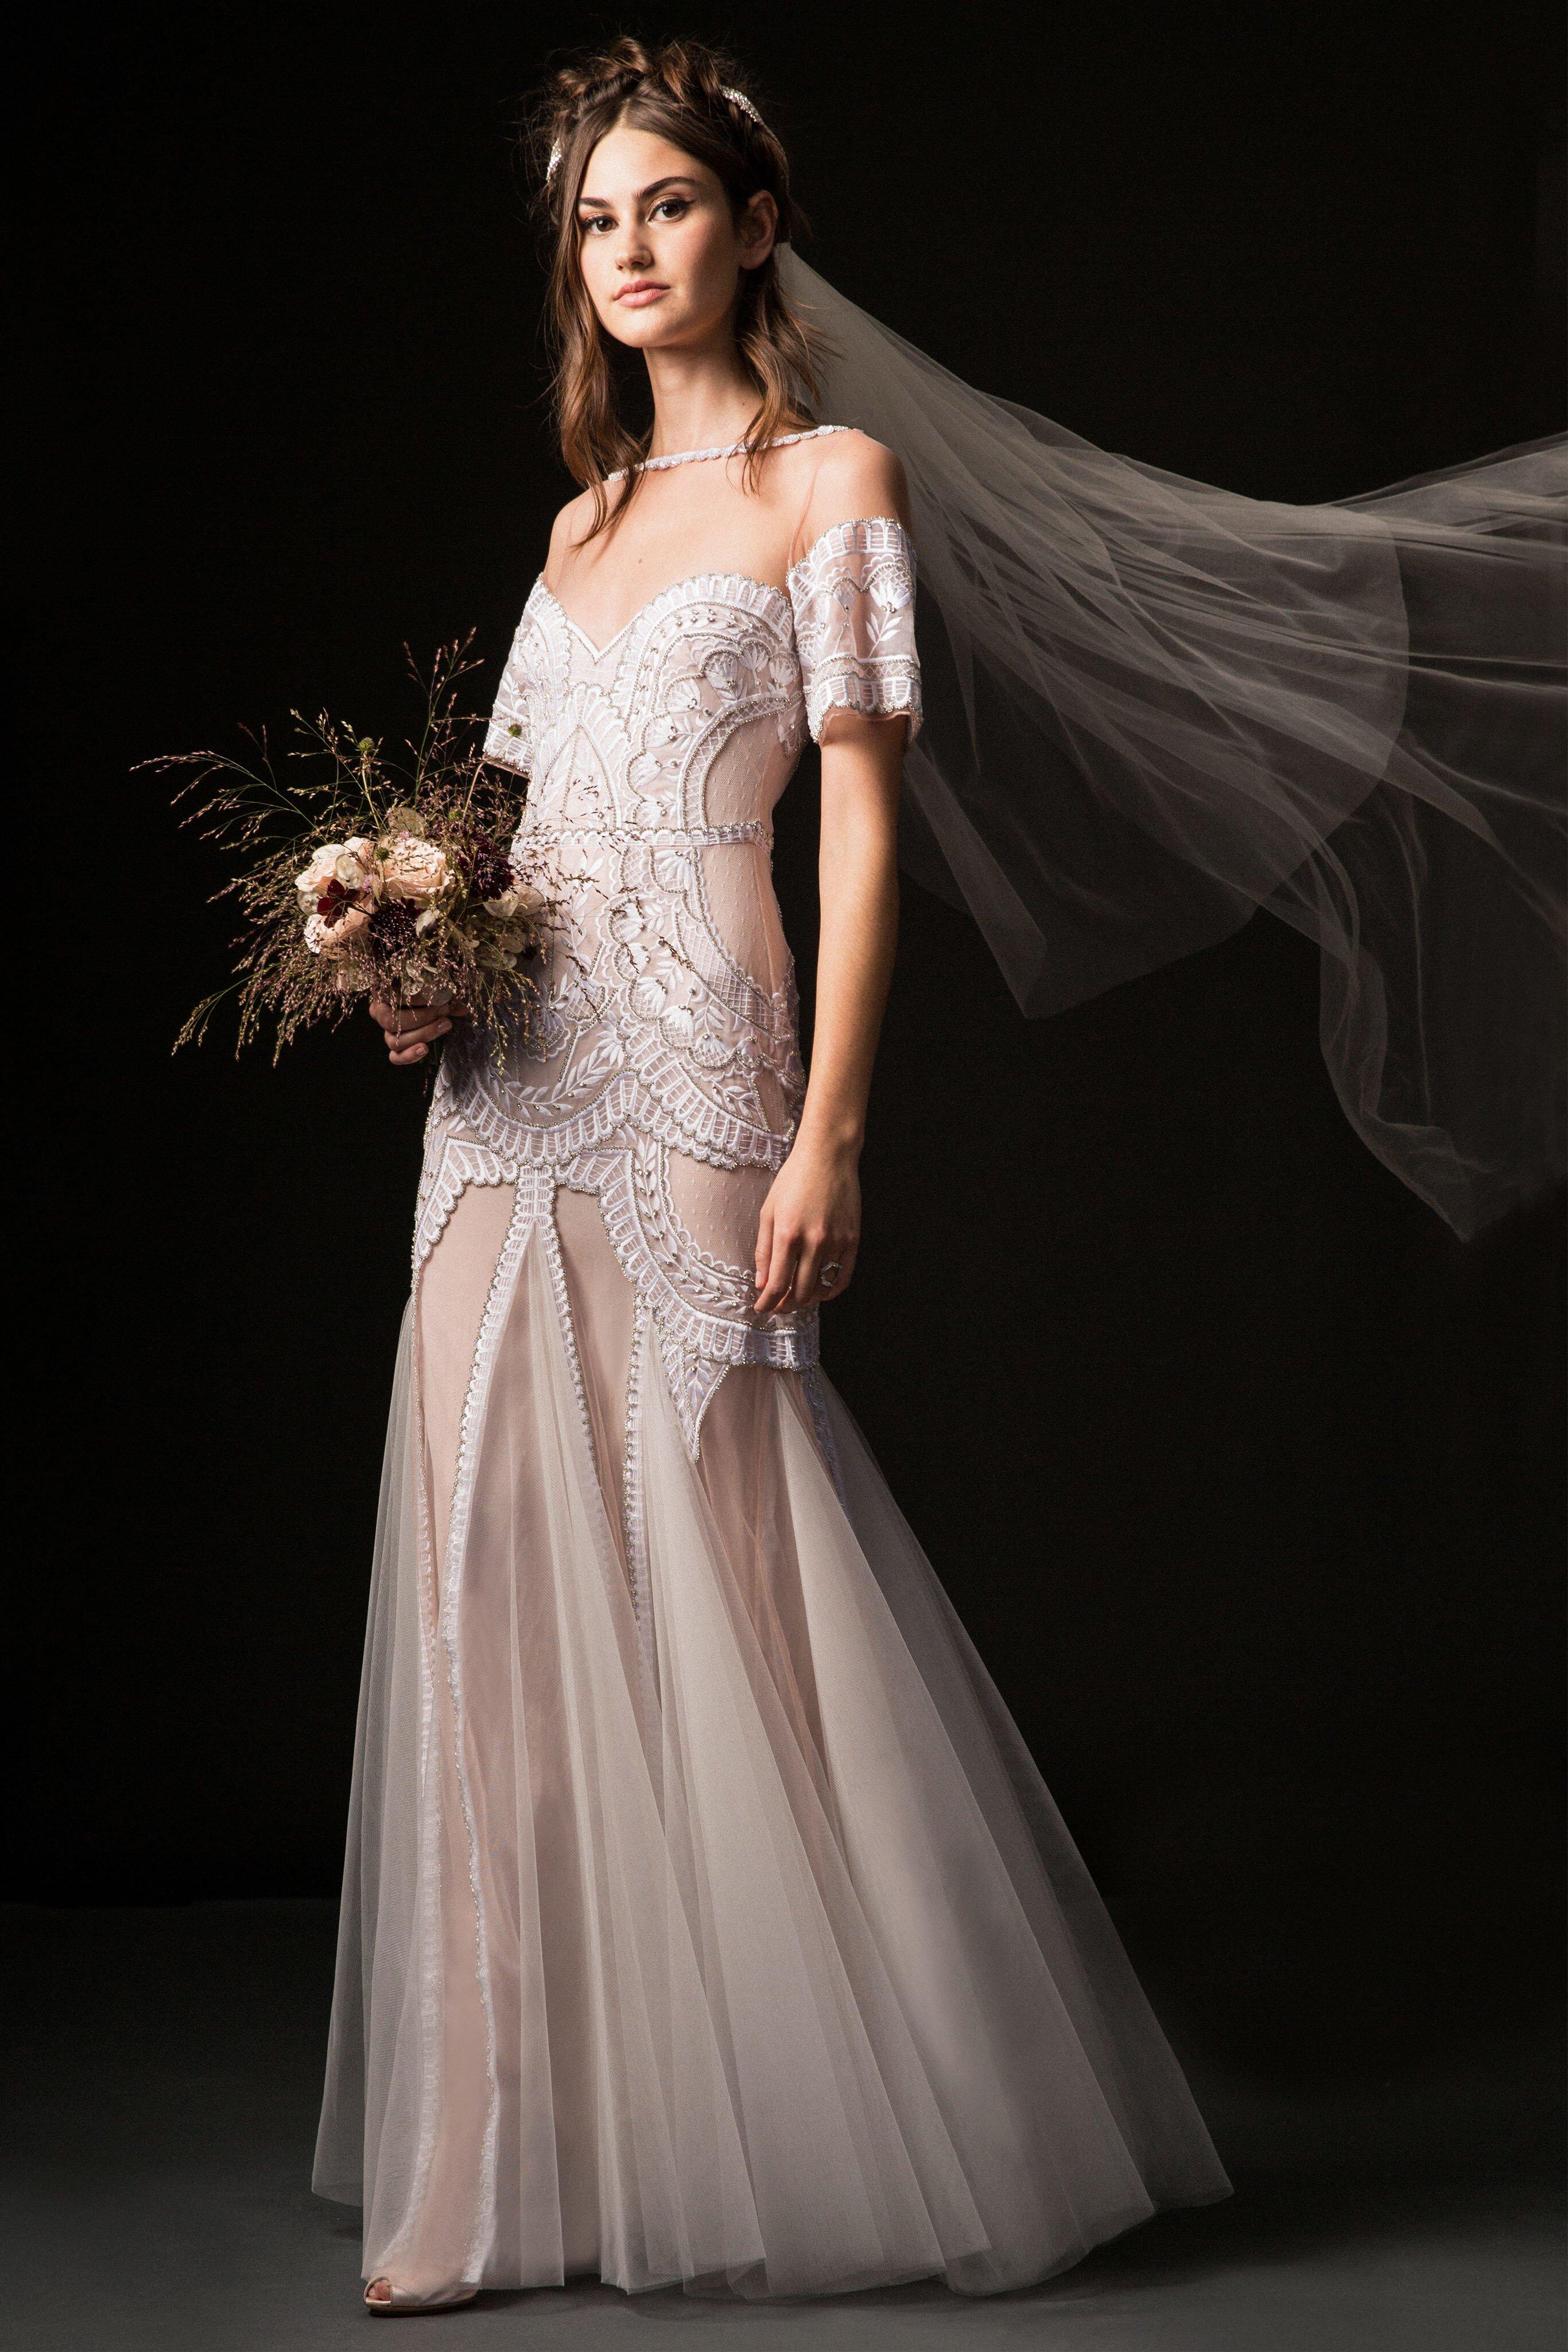 Temperley Fall 2019 Wedding Dress Collection Martha Stewart Weddings